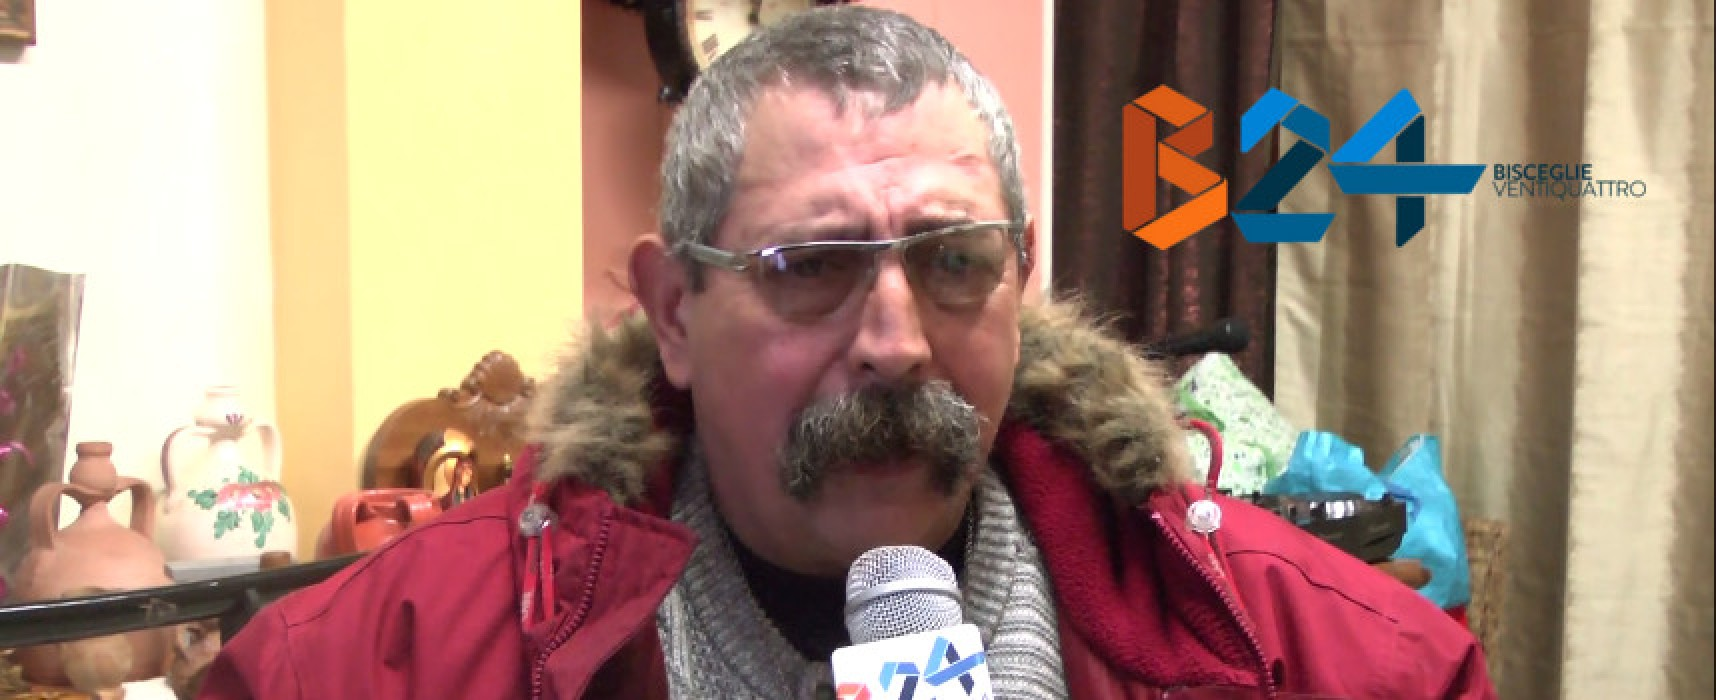 """""""Piscina comunale non può ospitare disabili ma ne ho bisogno"""", l'appello di Pietro / VIDEO"""